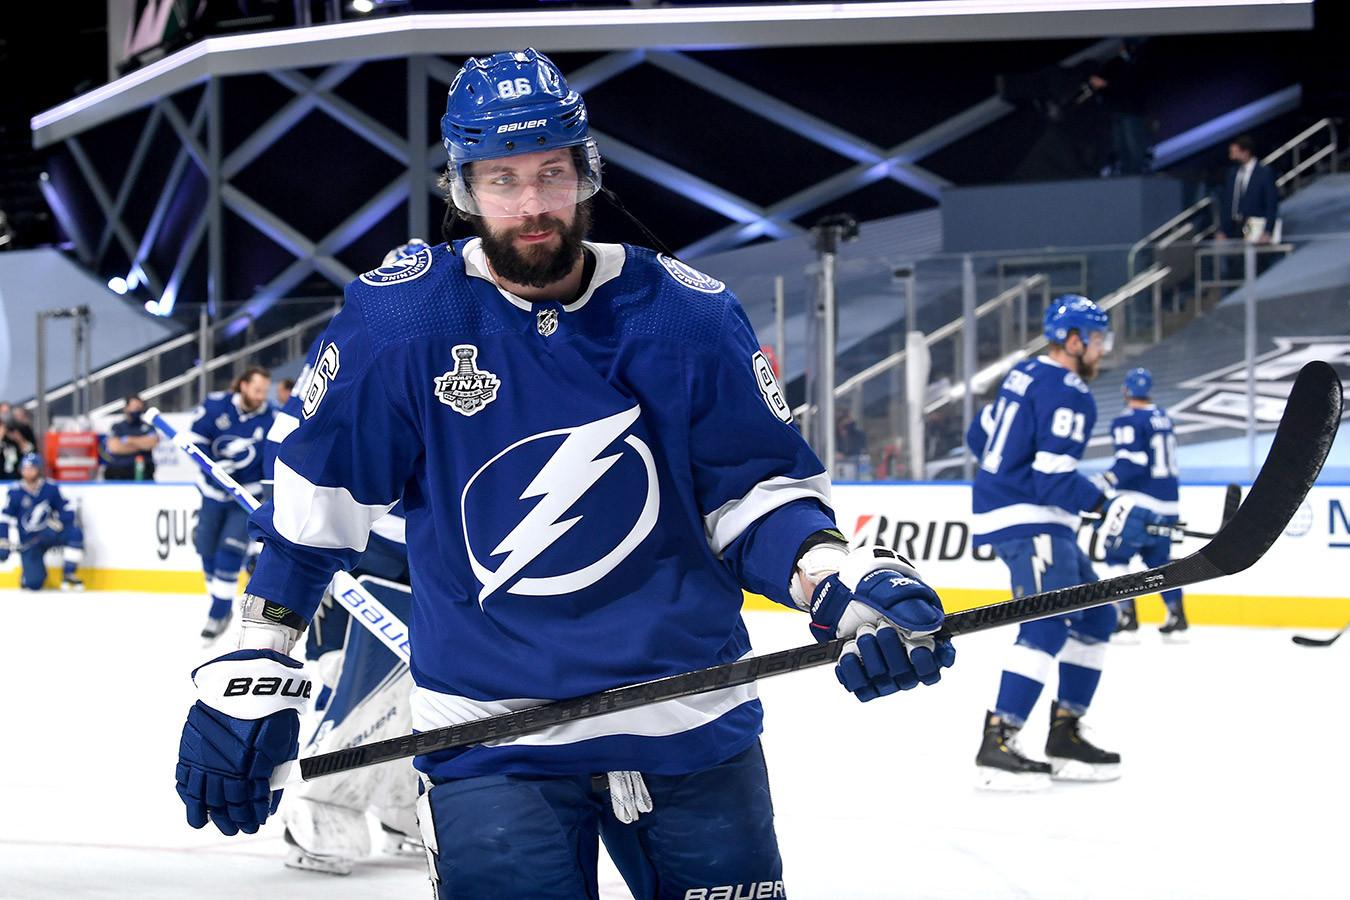 Кучеров пропустит регулярный сезон-2020/2021 НХЛ, ему предстоит операция